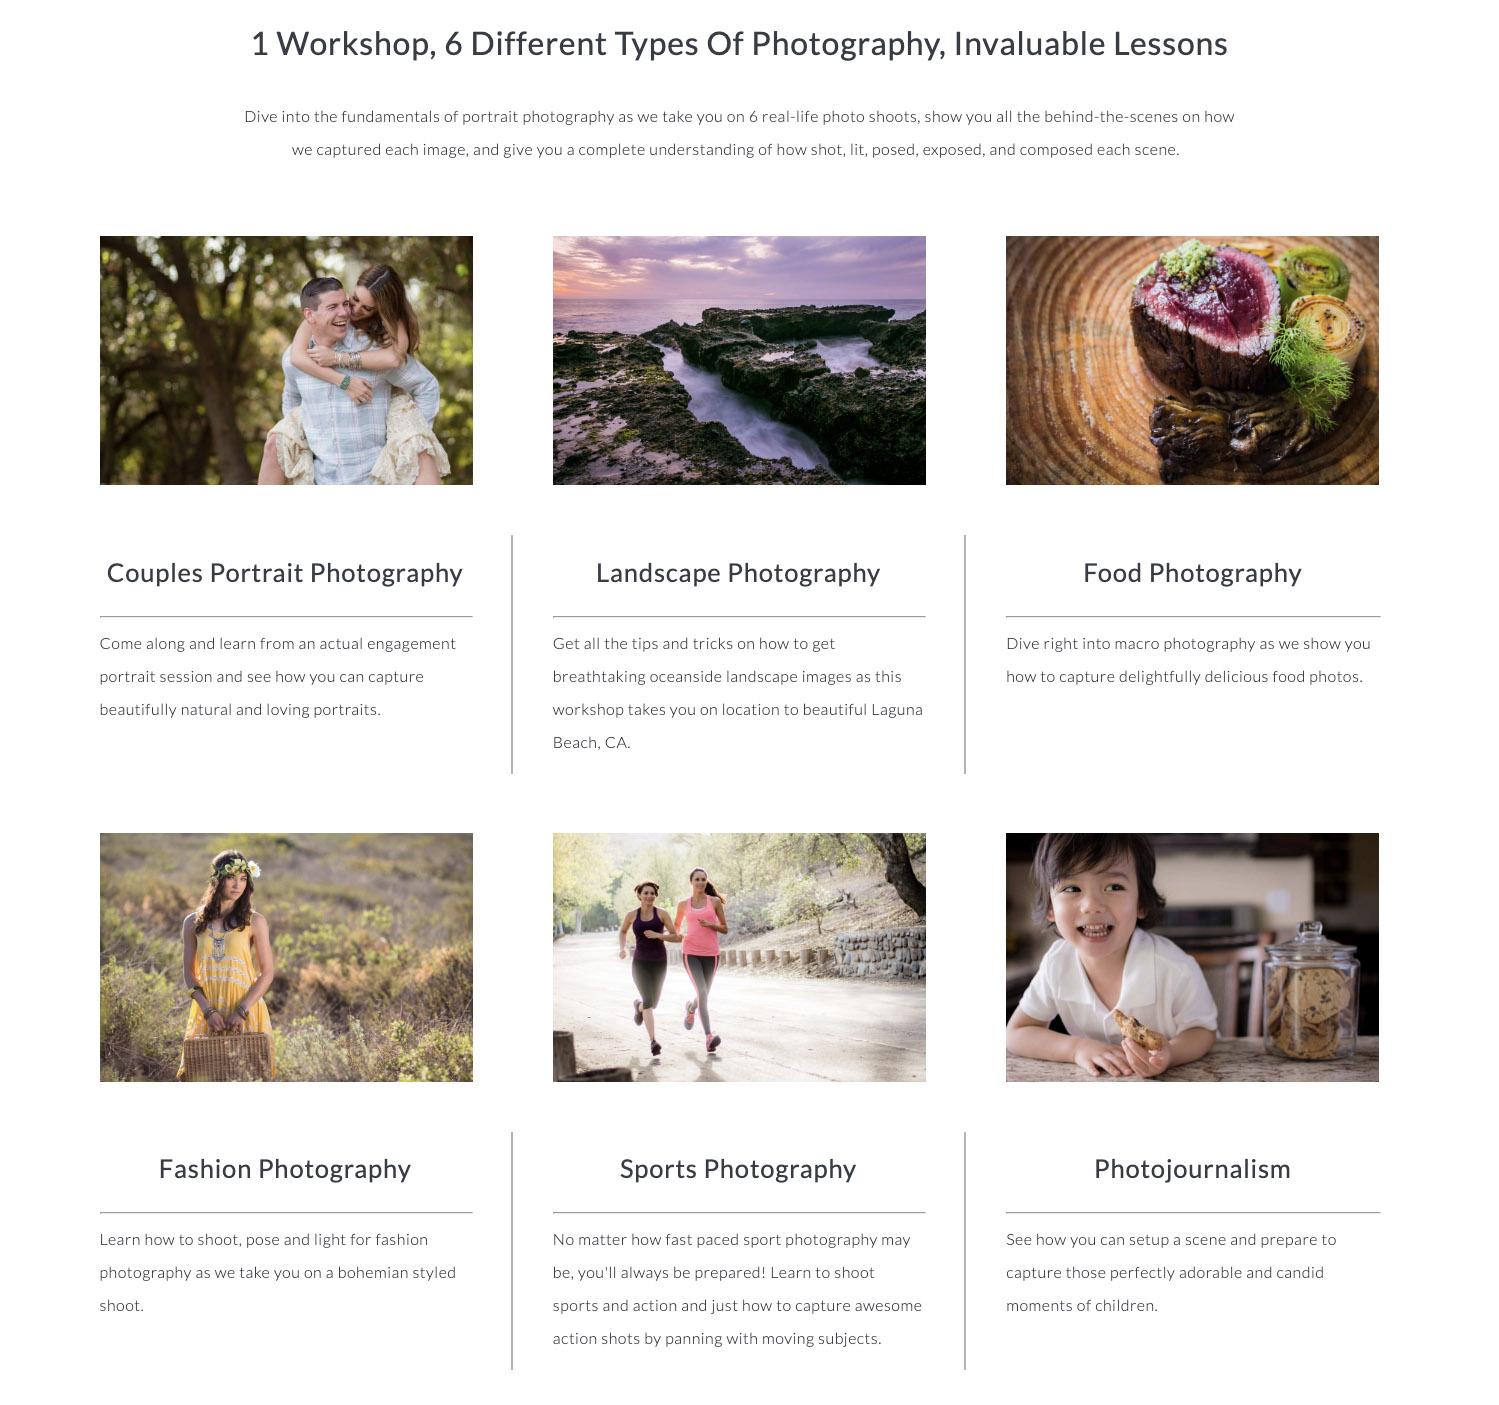 In deze cursus volg je mee bij zes verschillende foto-shoots: een portret van een koppel, landschapsfotografie, food photography, modefotogfrafie, sportfotografie en fotojournalistiek. Uiteraard wordt niet alles in detail behandeld, maar voor 9 € extra krijg je - zeker als beginnend fotograaf - wel flink wat inhoud.